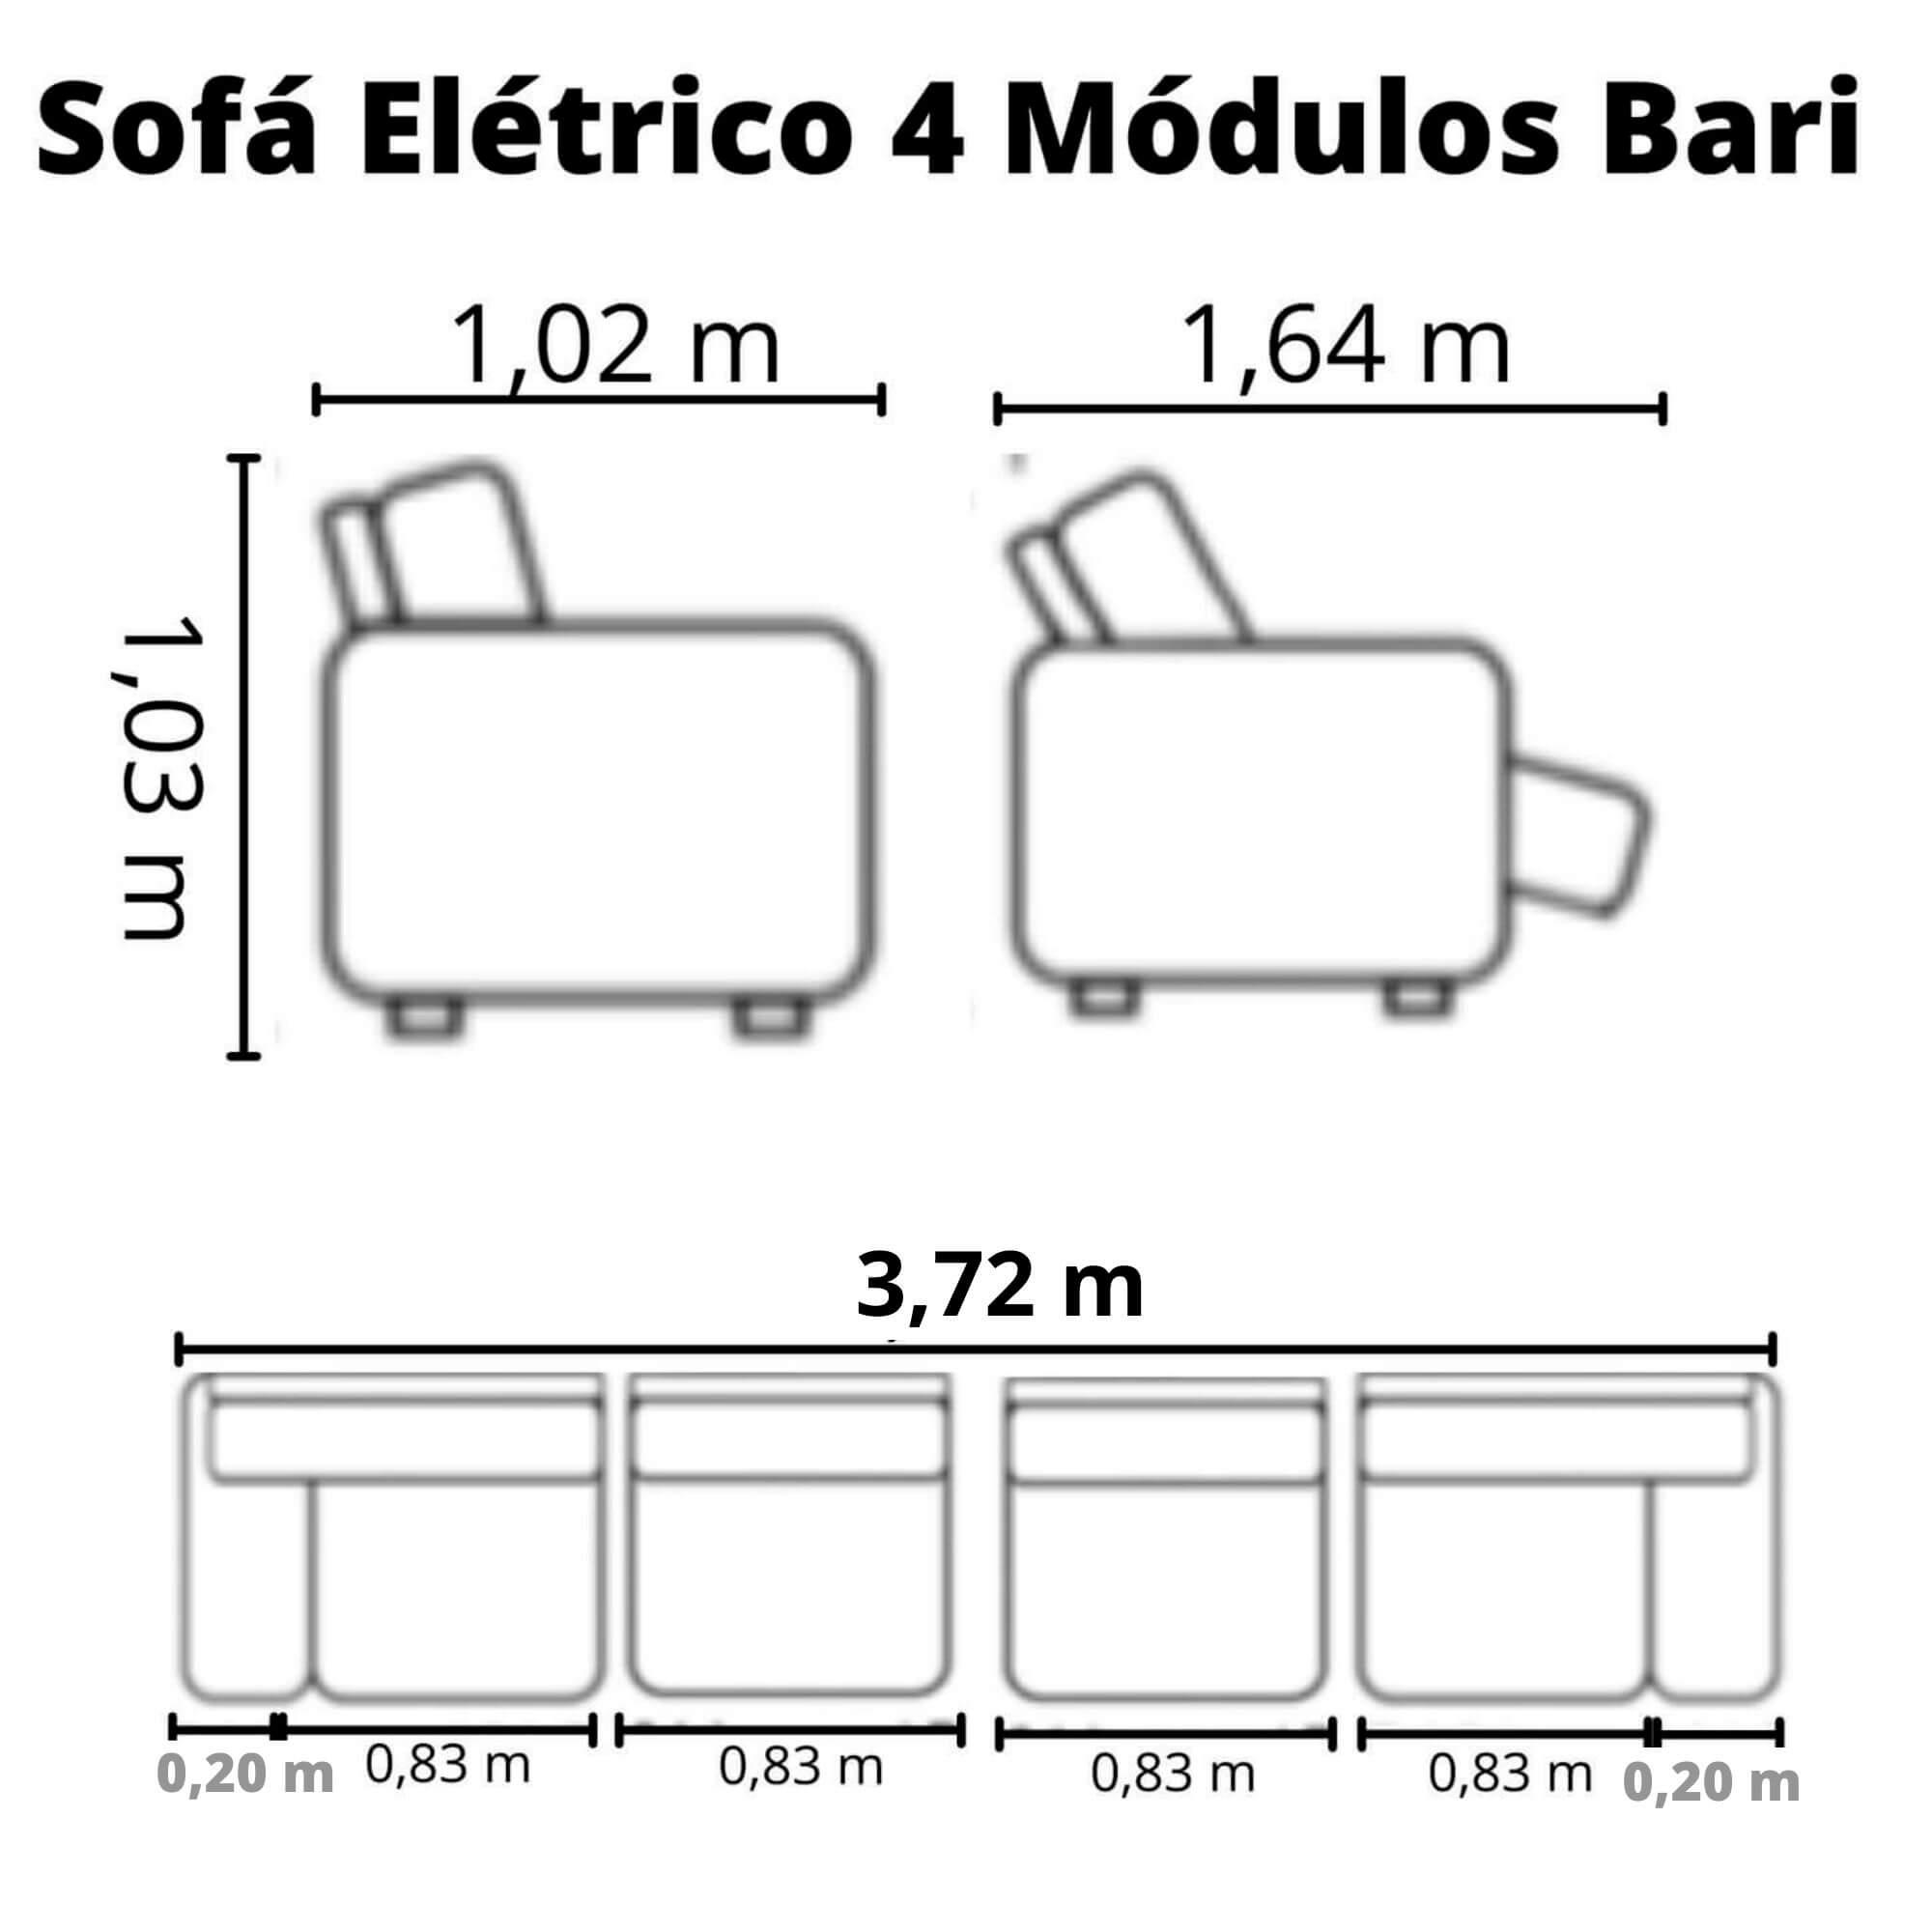 Sofá Retrátil Elétrico de Couro 372cm - Bari Camel